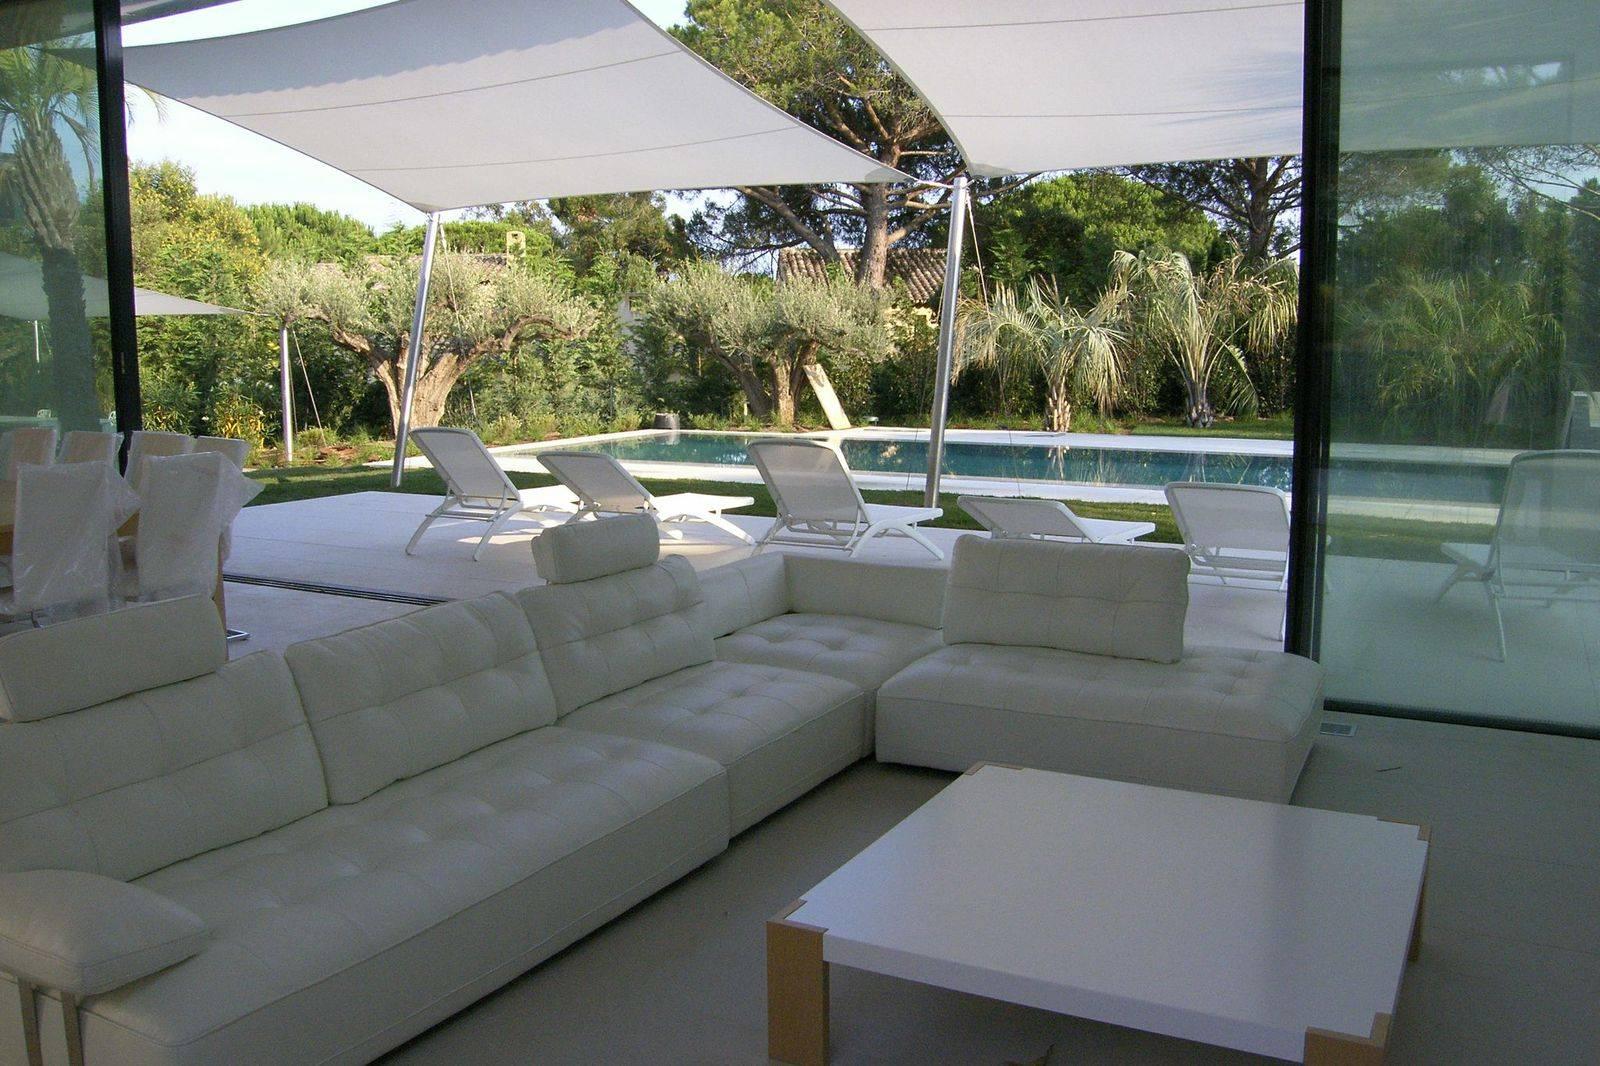 villa epi le luxe trop zien architecte ugo architecture menuiserie aluminium et acier et. Black Bedroom Furniture Sets. Home Design Ideas